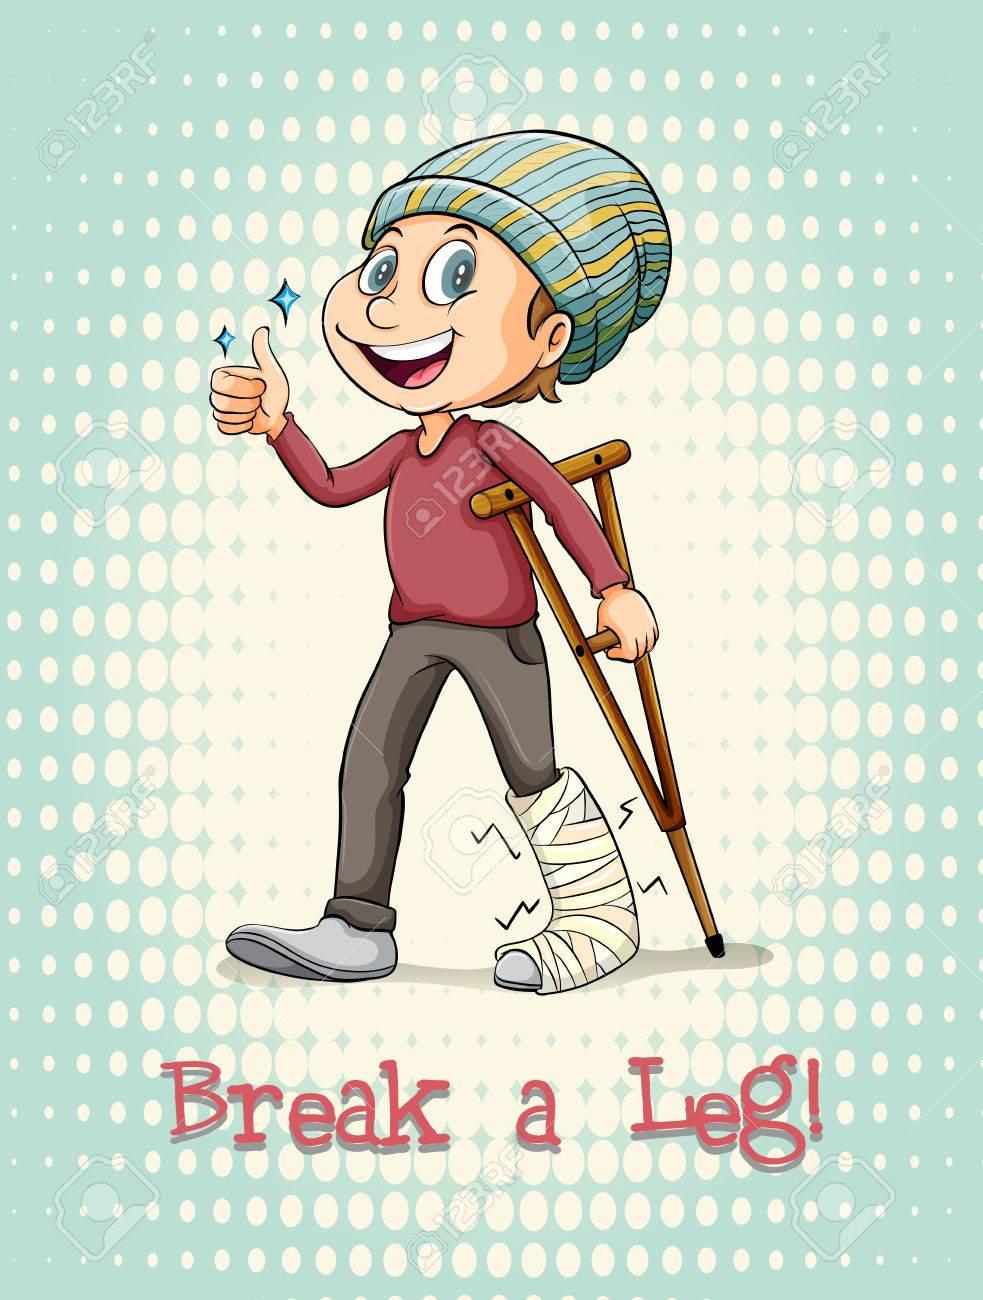 English idiom break a leg illustration.